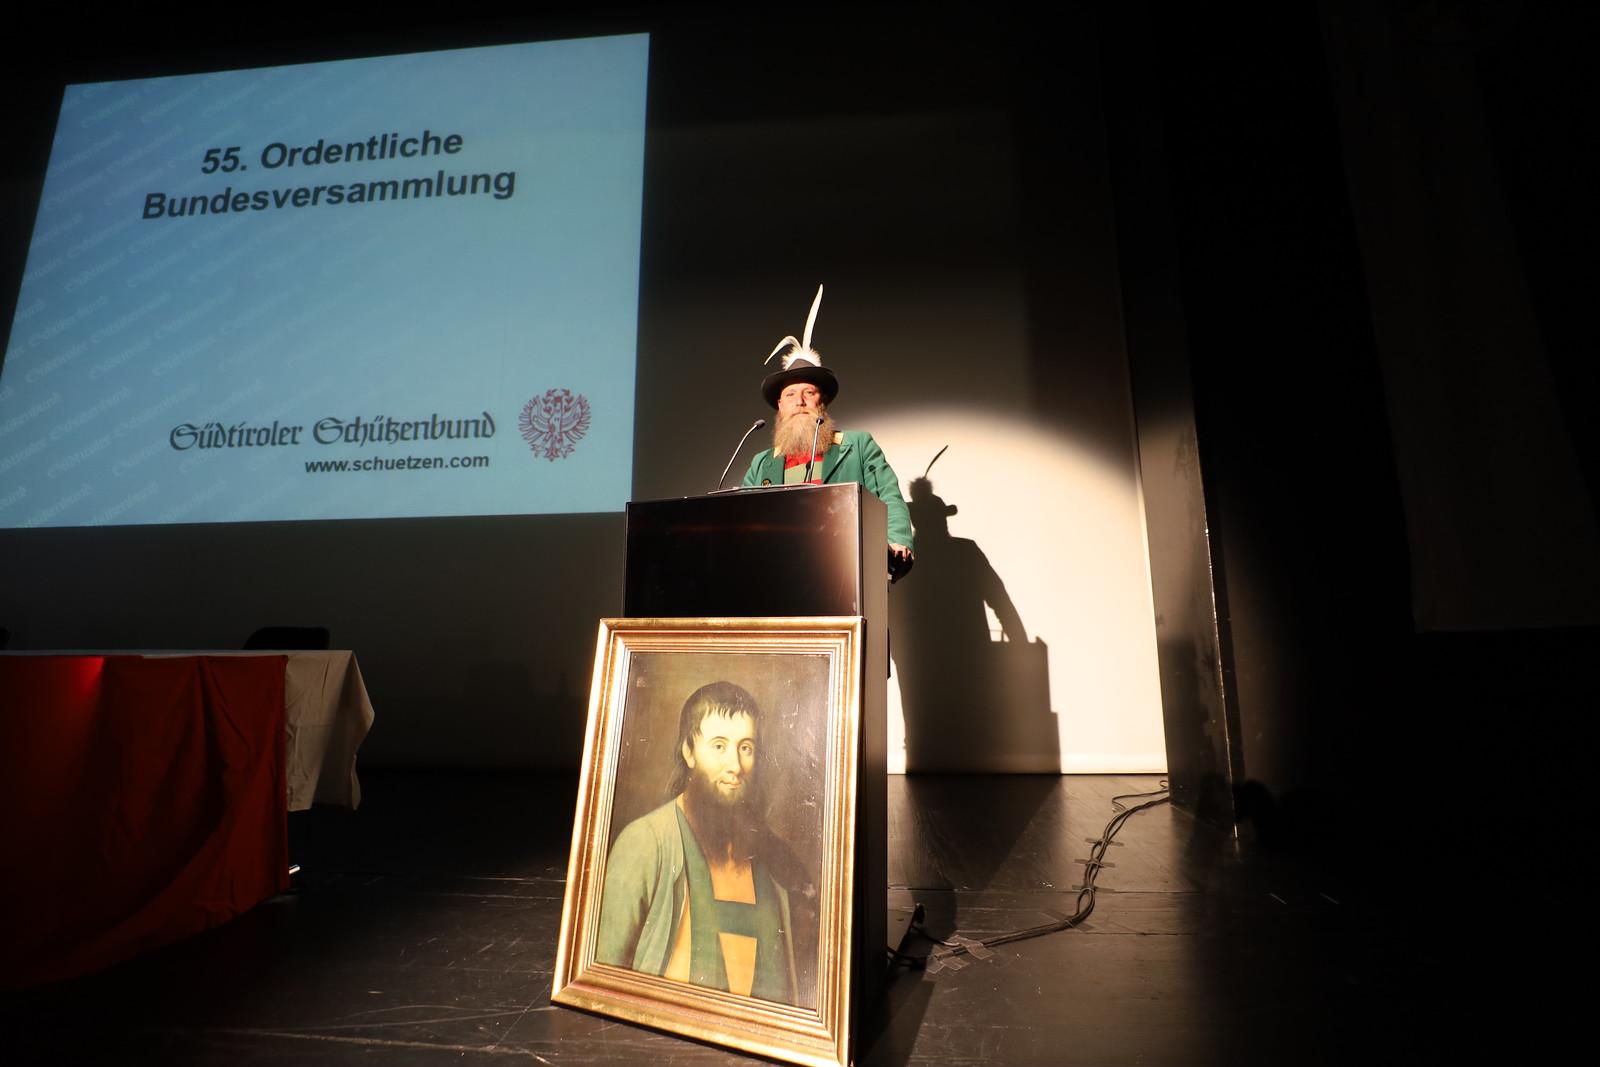 55. Bundesversammlung des SSB in Bozen, 26.09.2020